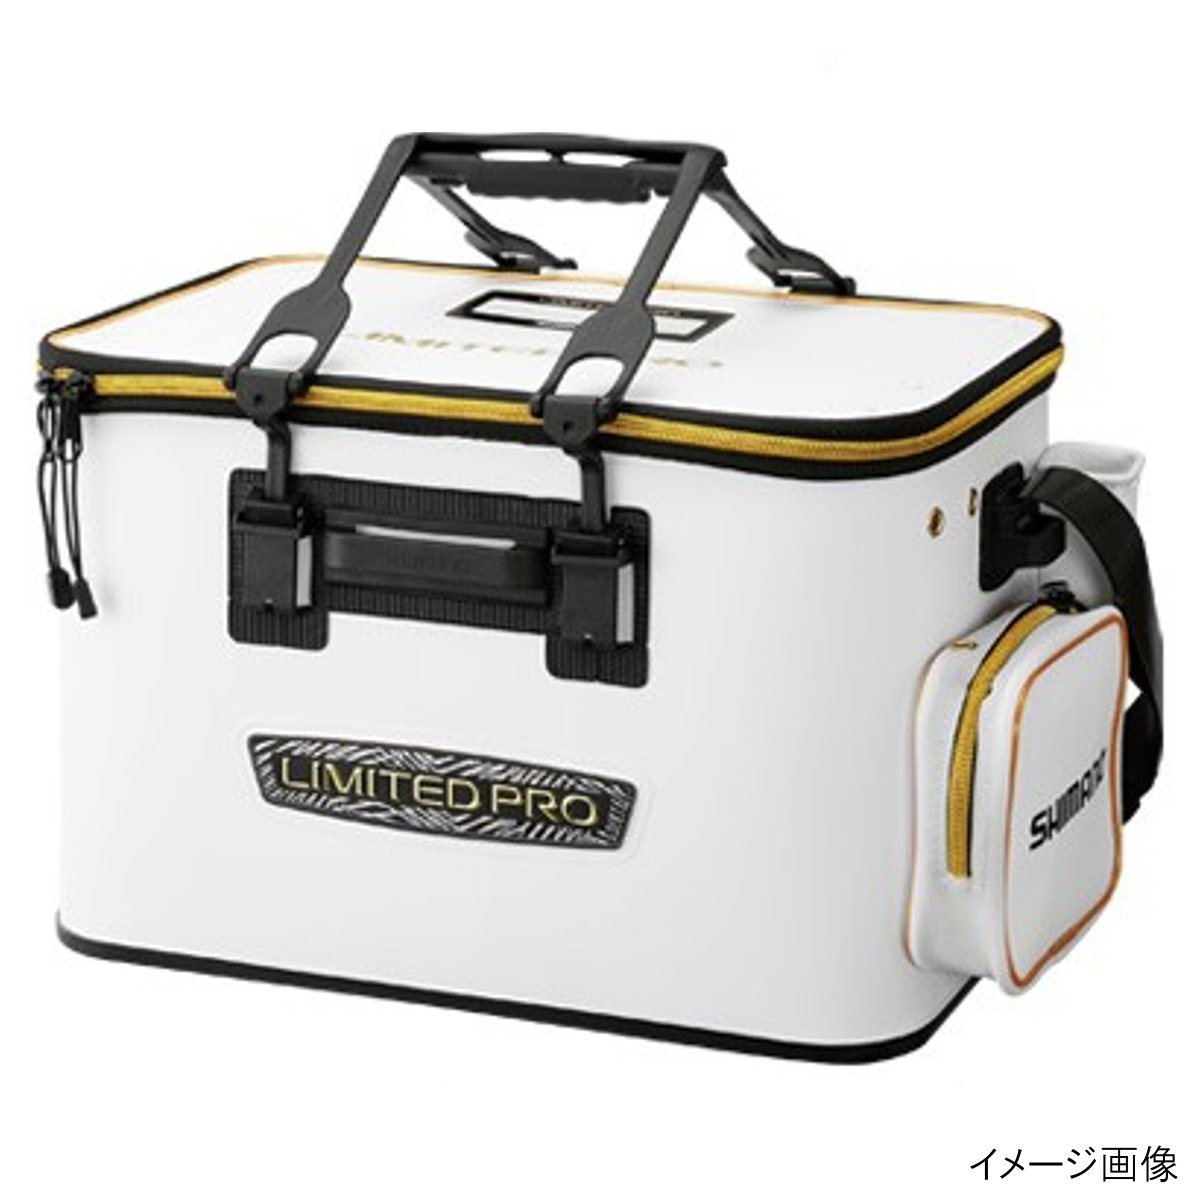 9019fc3209fdf シマノ フィッシュバッカン LIMITED 釣具の PRO(ハードタイプ) BK-121R ...